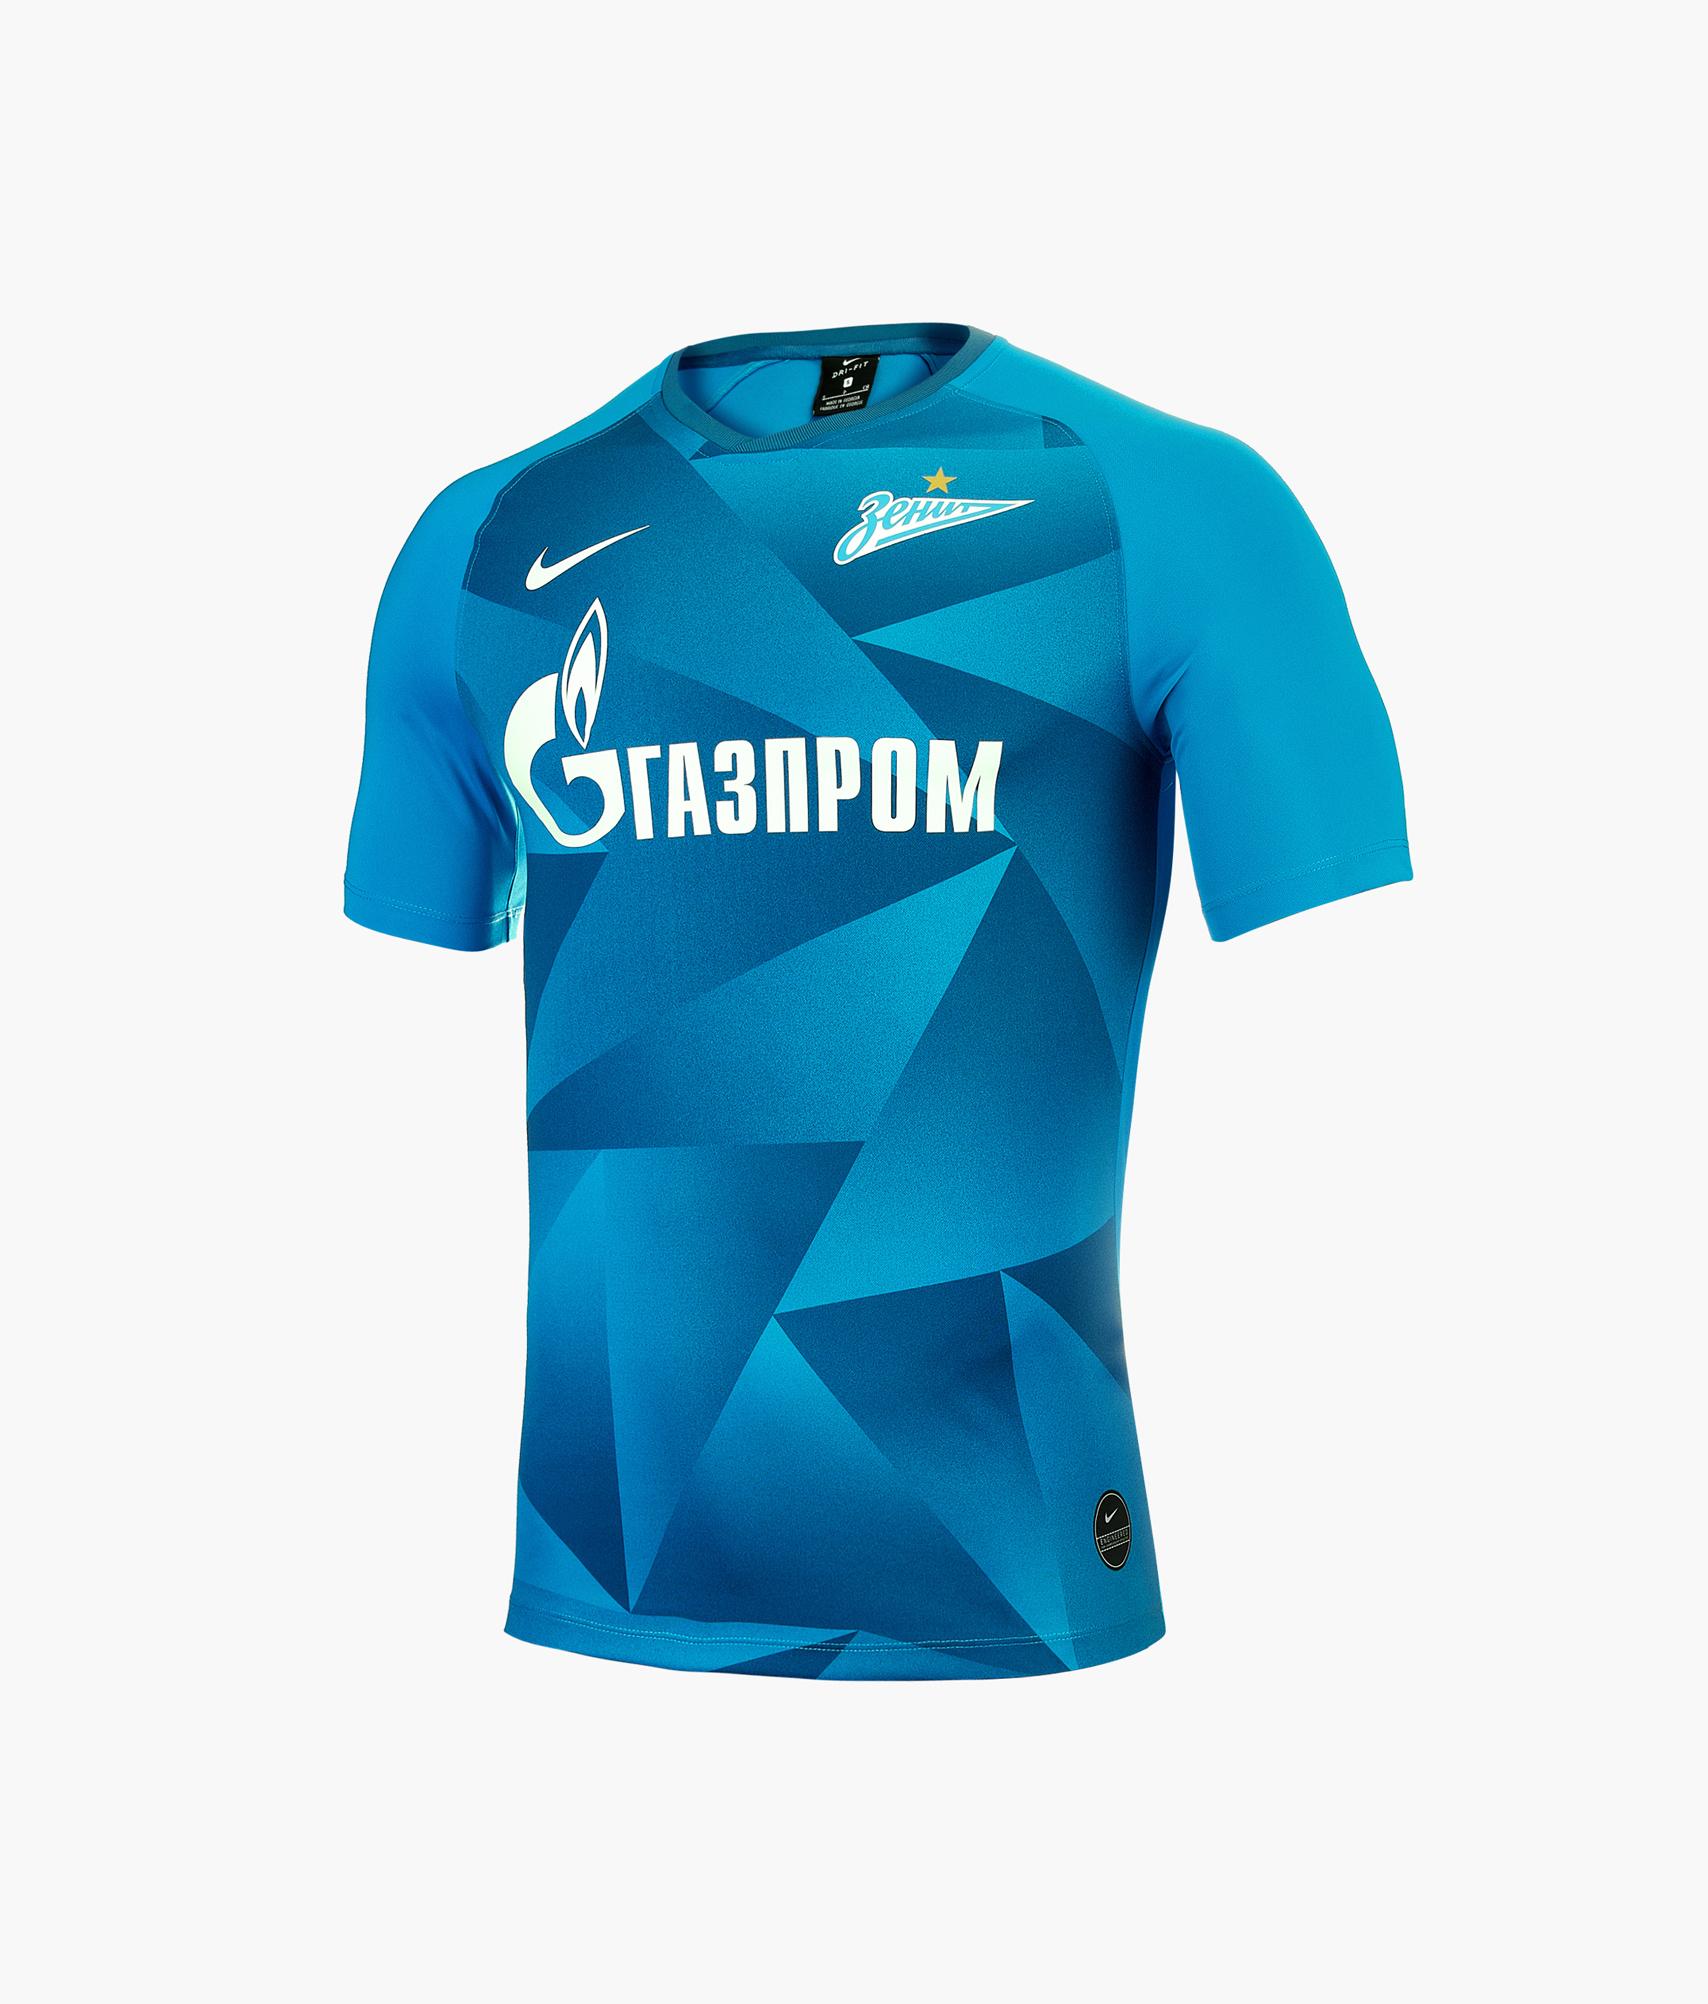 Реплика домашней игровой футболки 2019/2020 Nike Цвет-Синий реплика выездной игровой футболки nike 2018 19 nike цвет белый